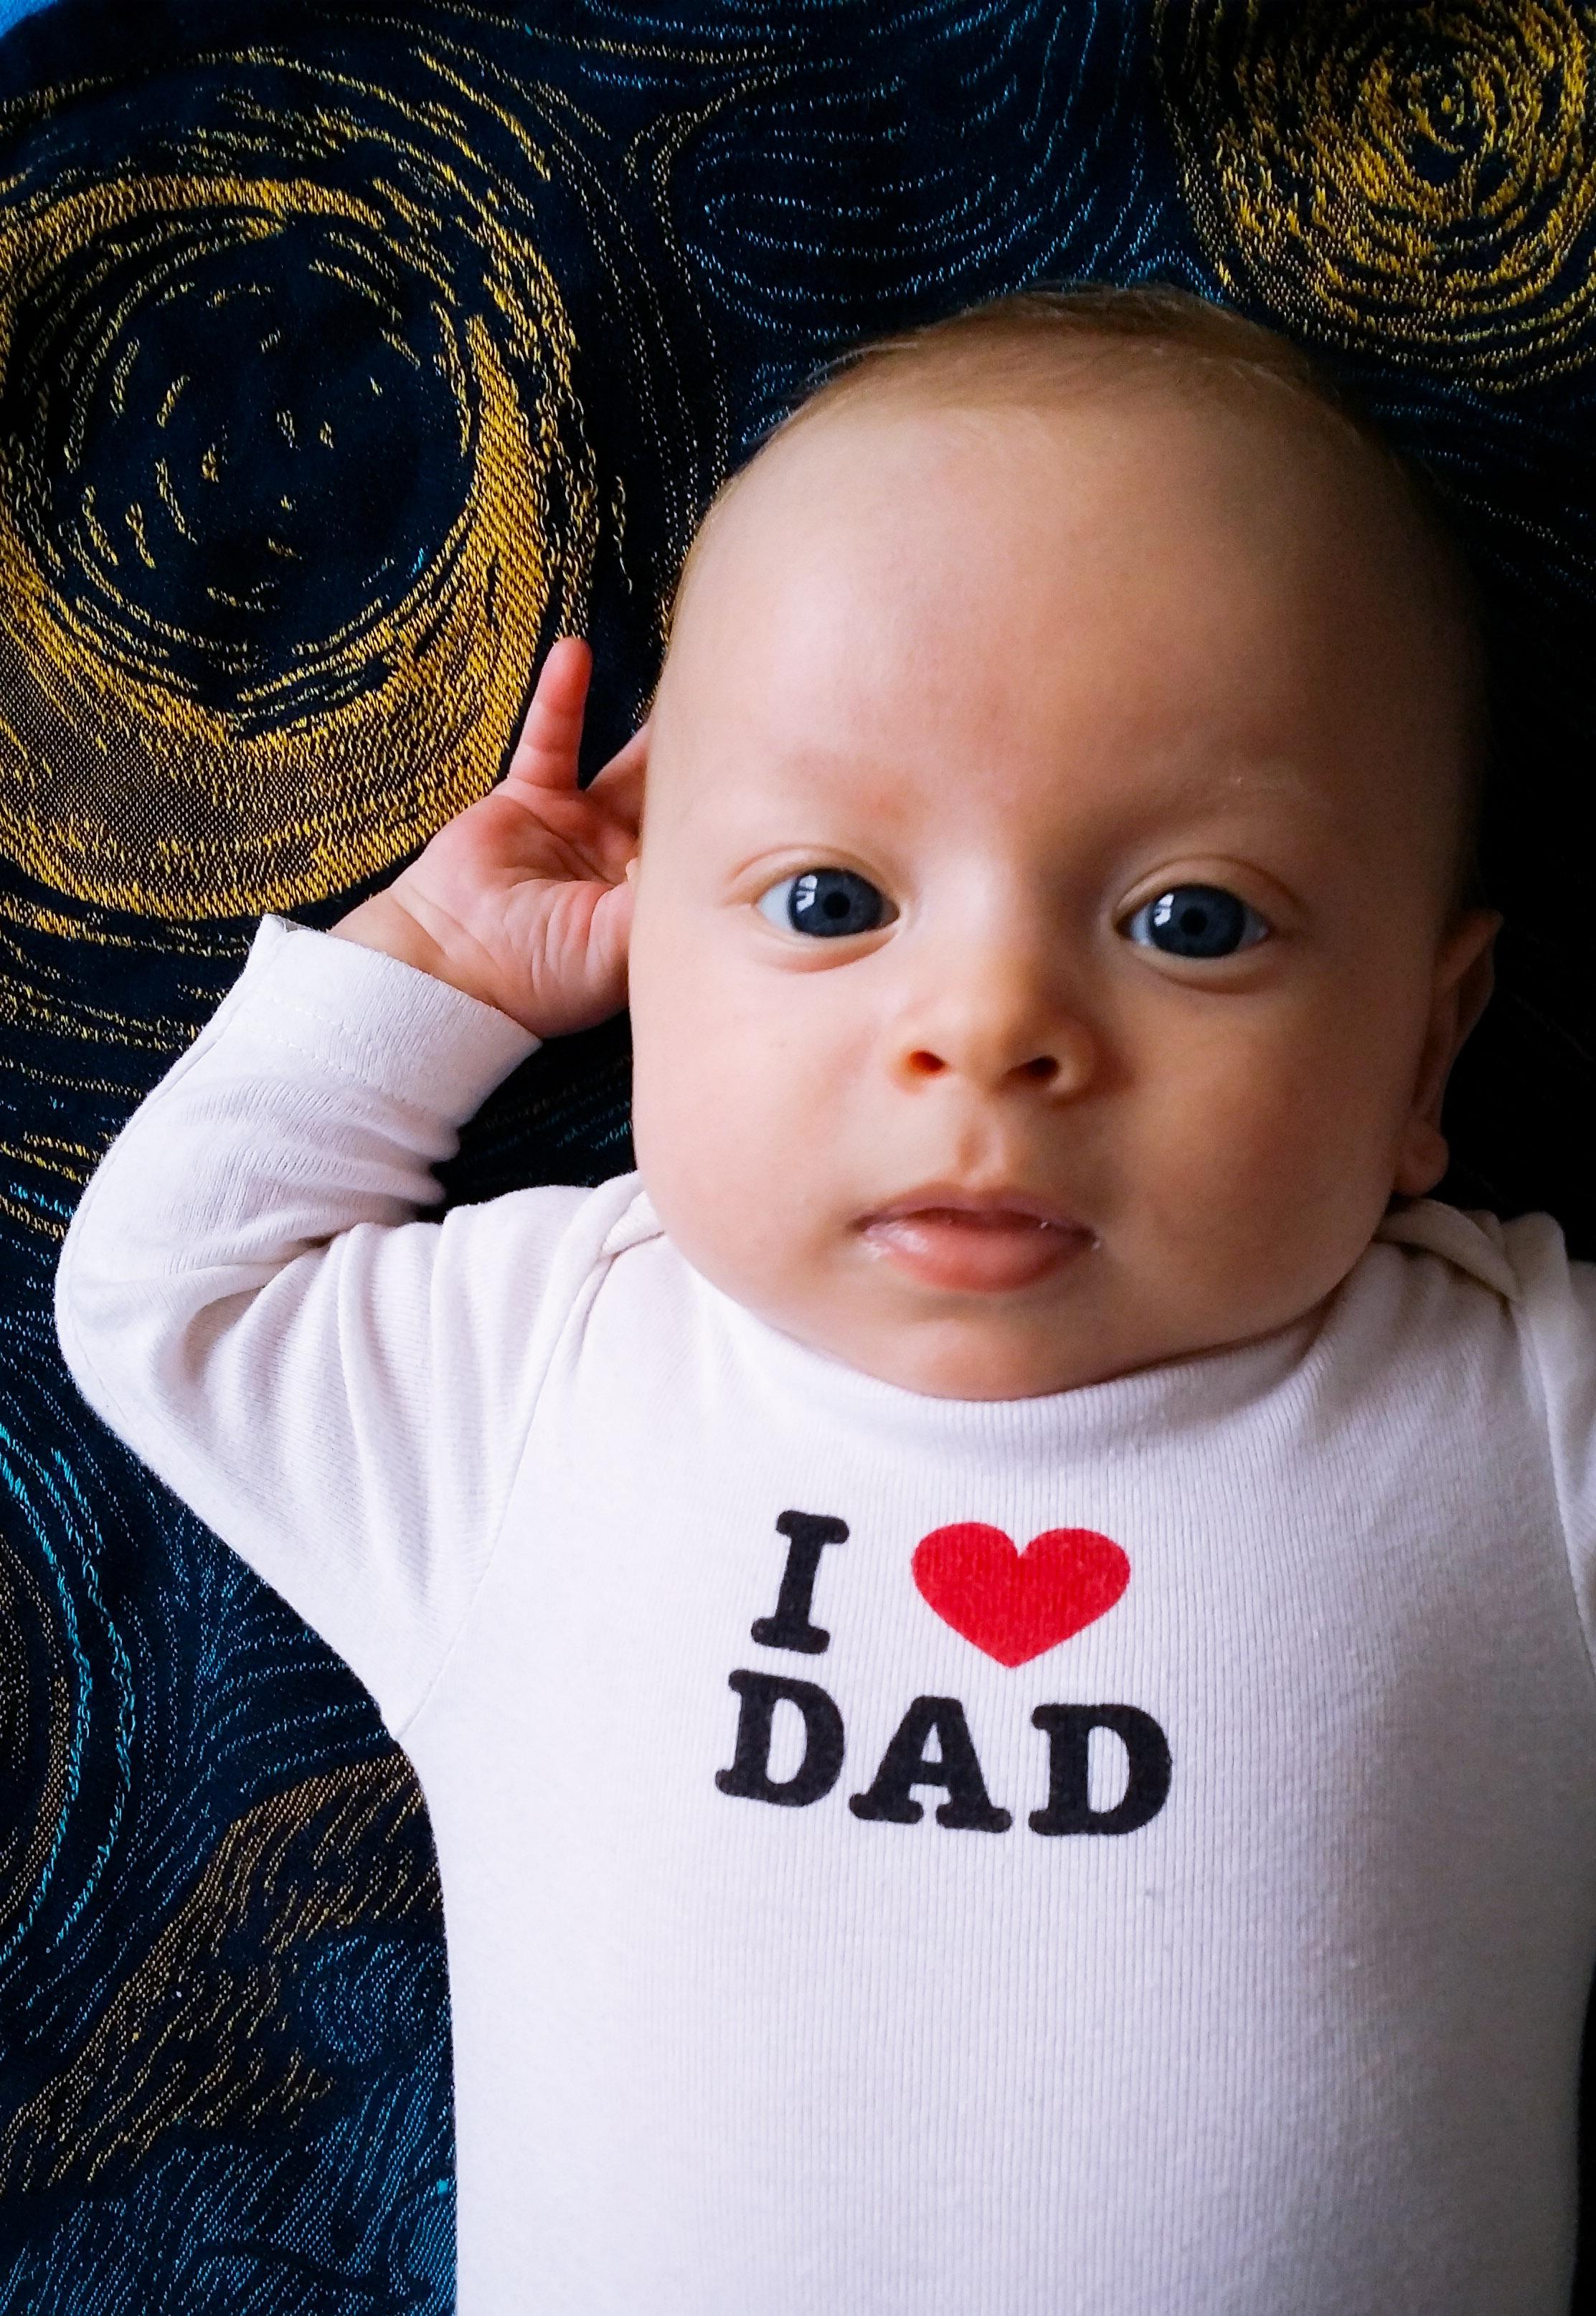 ¡Feliz Día del padre!